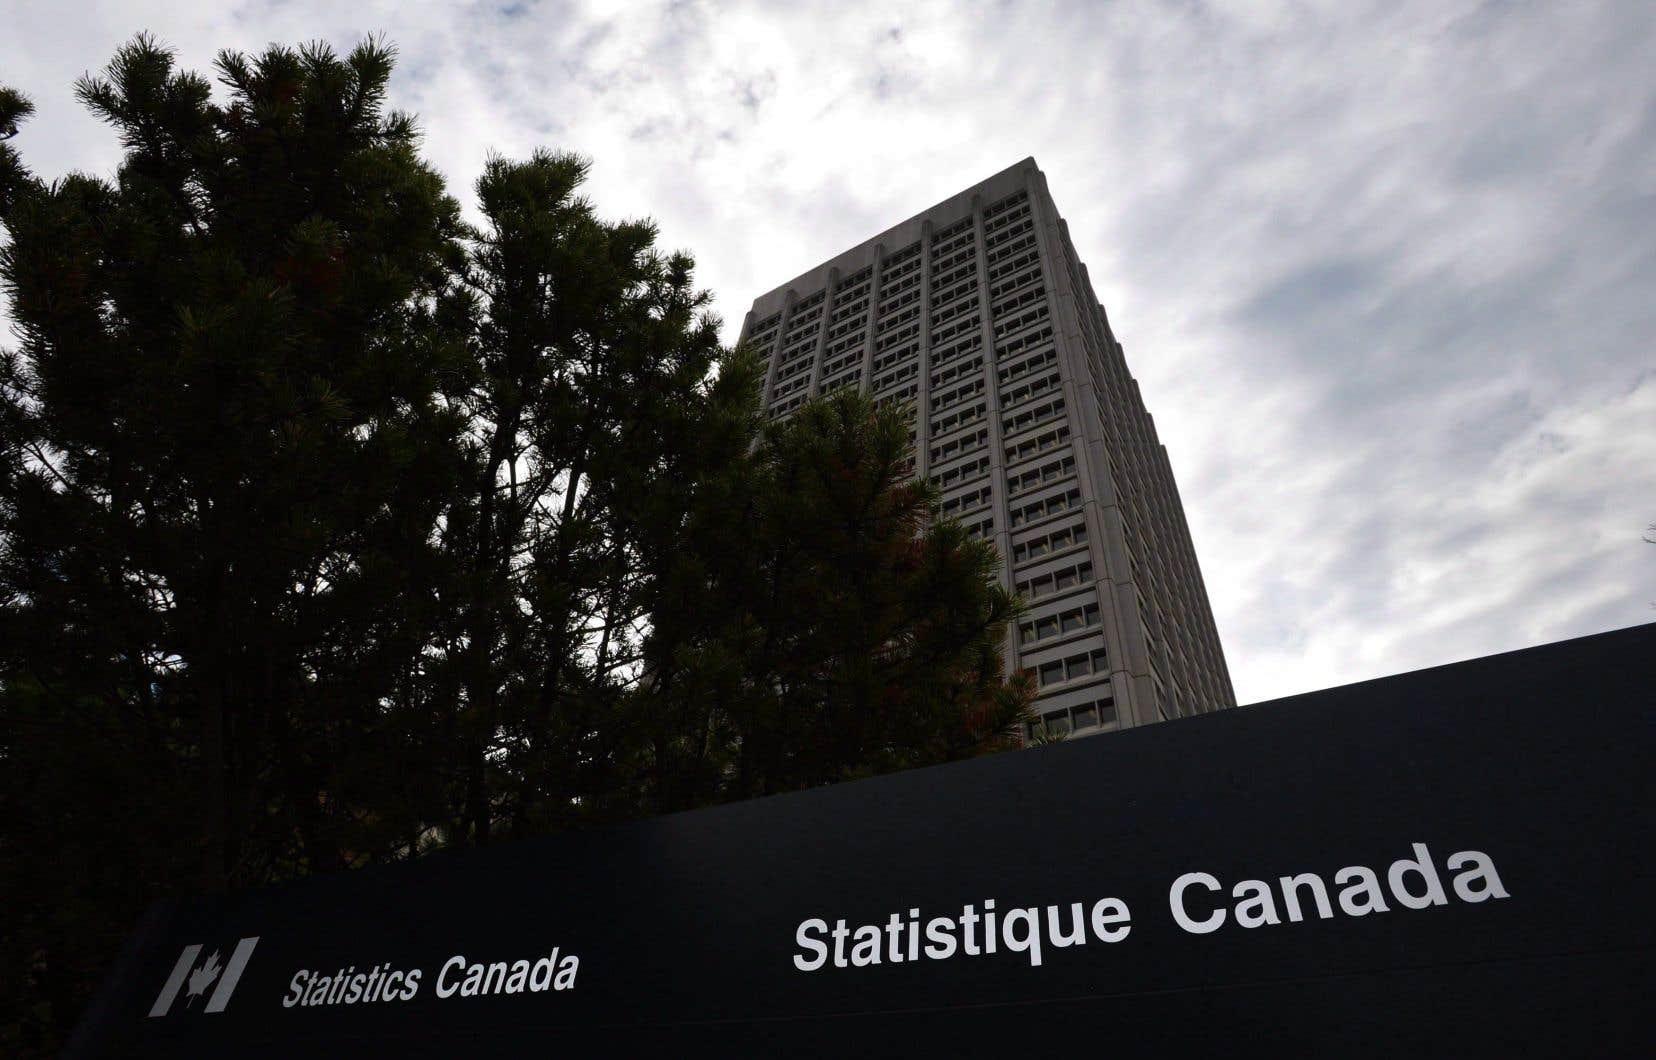 À partir de janvier, Statistique Canada recueillera auprès de neuf banques les informations de 500000 de leurs clients: identité, solde bancaire et transactions effectuées.